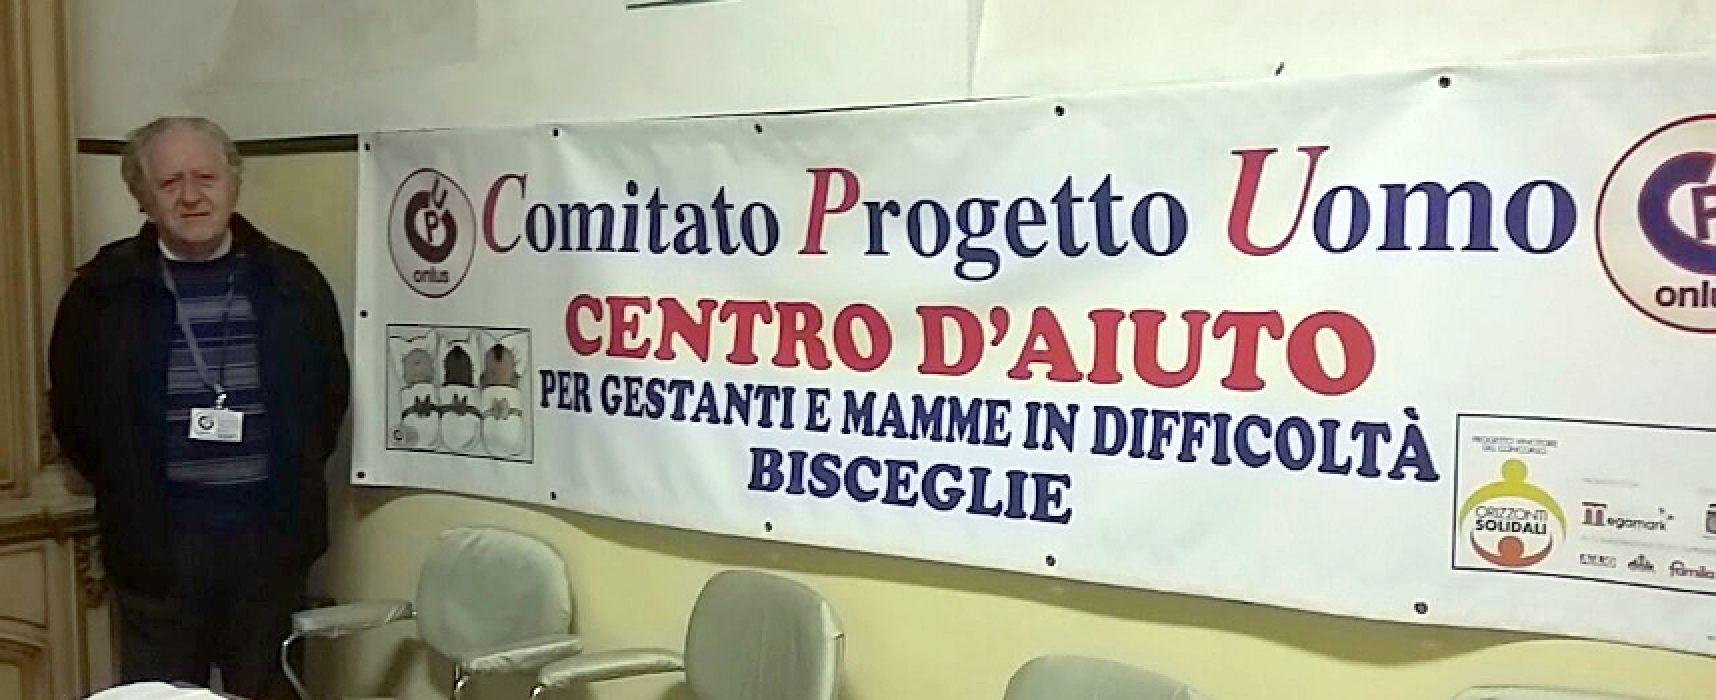 """Comitato Progetto Uomo promuove iniziativa """"Una Famiglia per la Vita"""""""